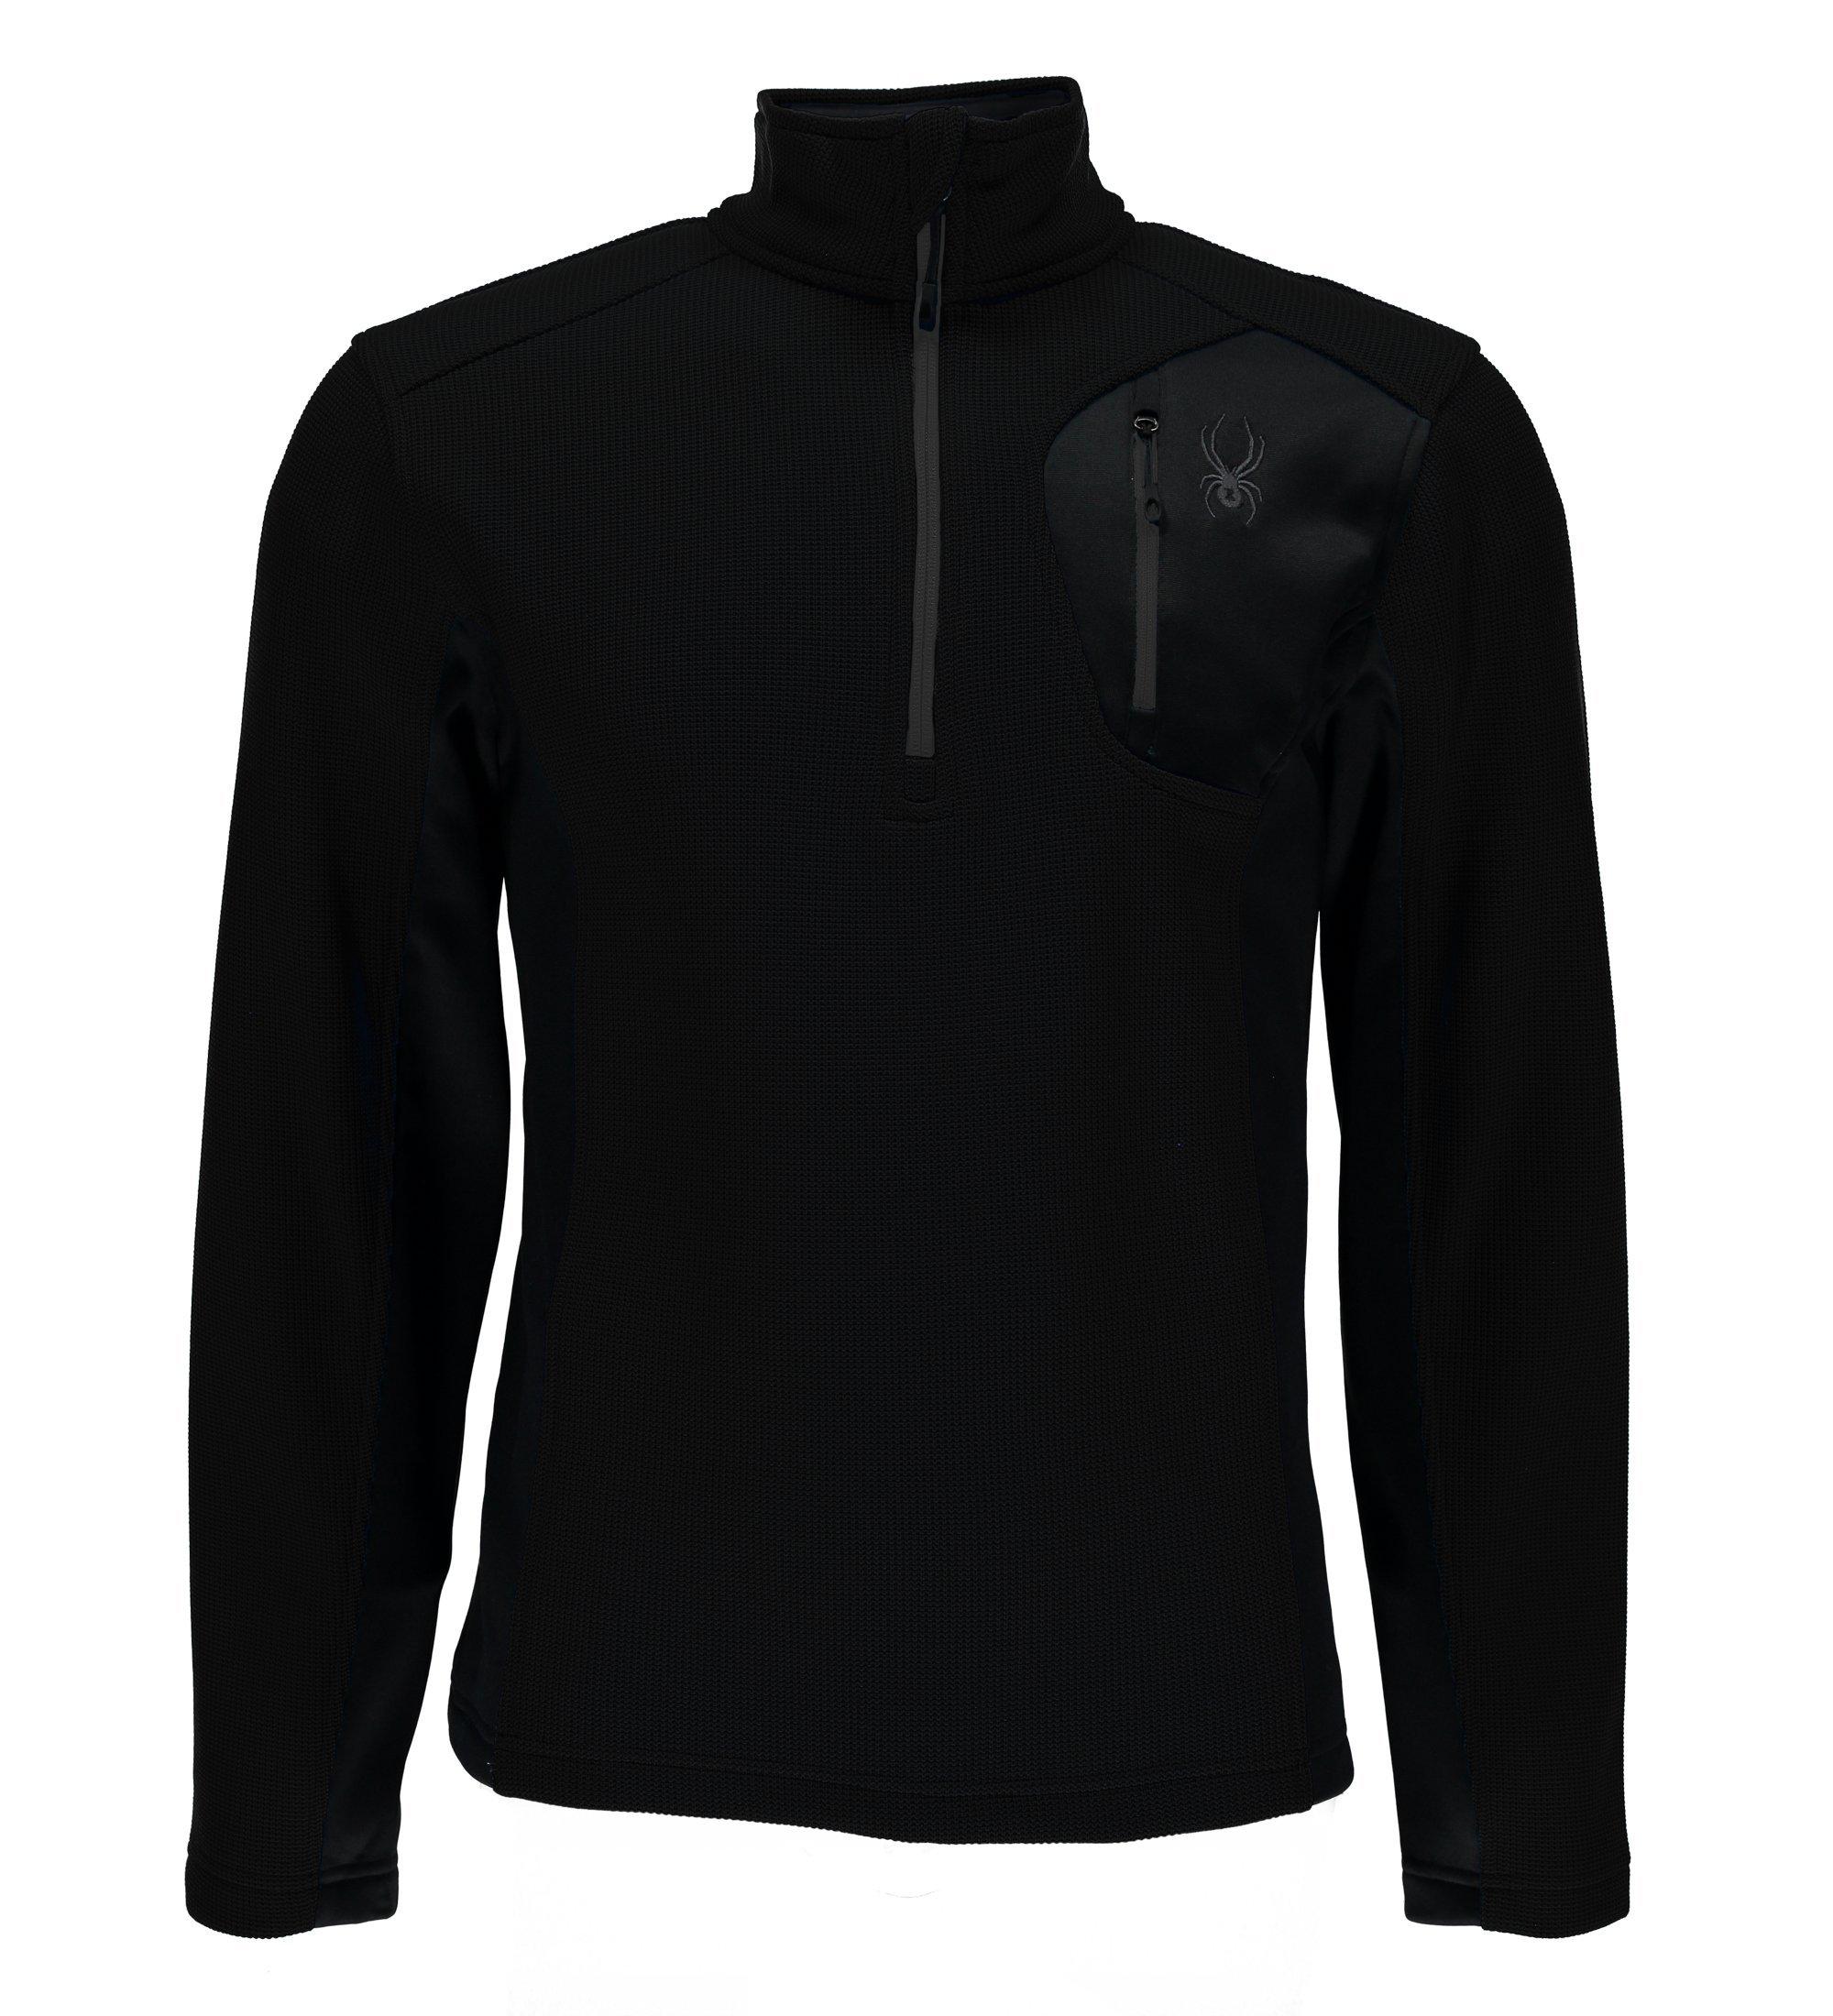 Spyder Men's Bandit Half Zip Light Weight Stryke Jacket, Black/Black/Black, Large